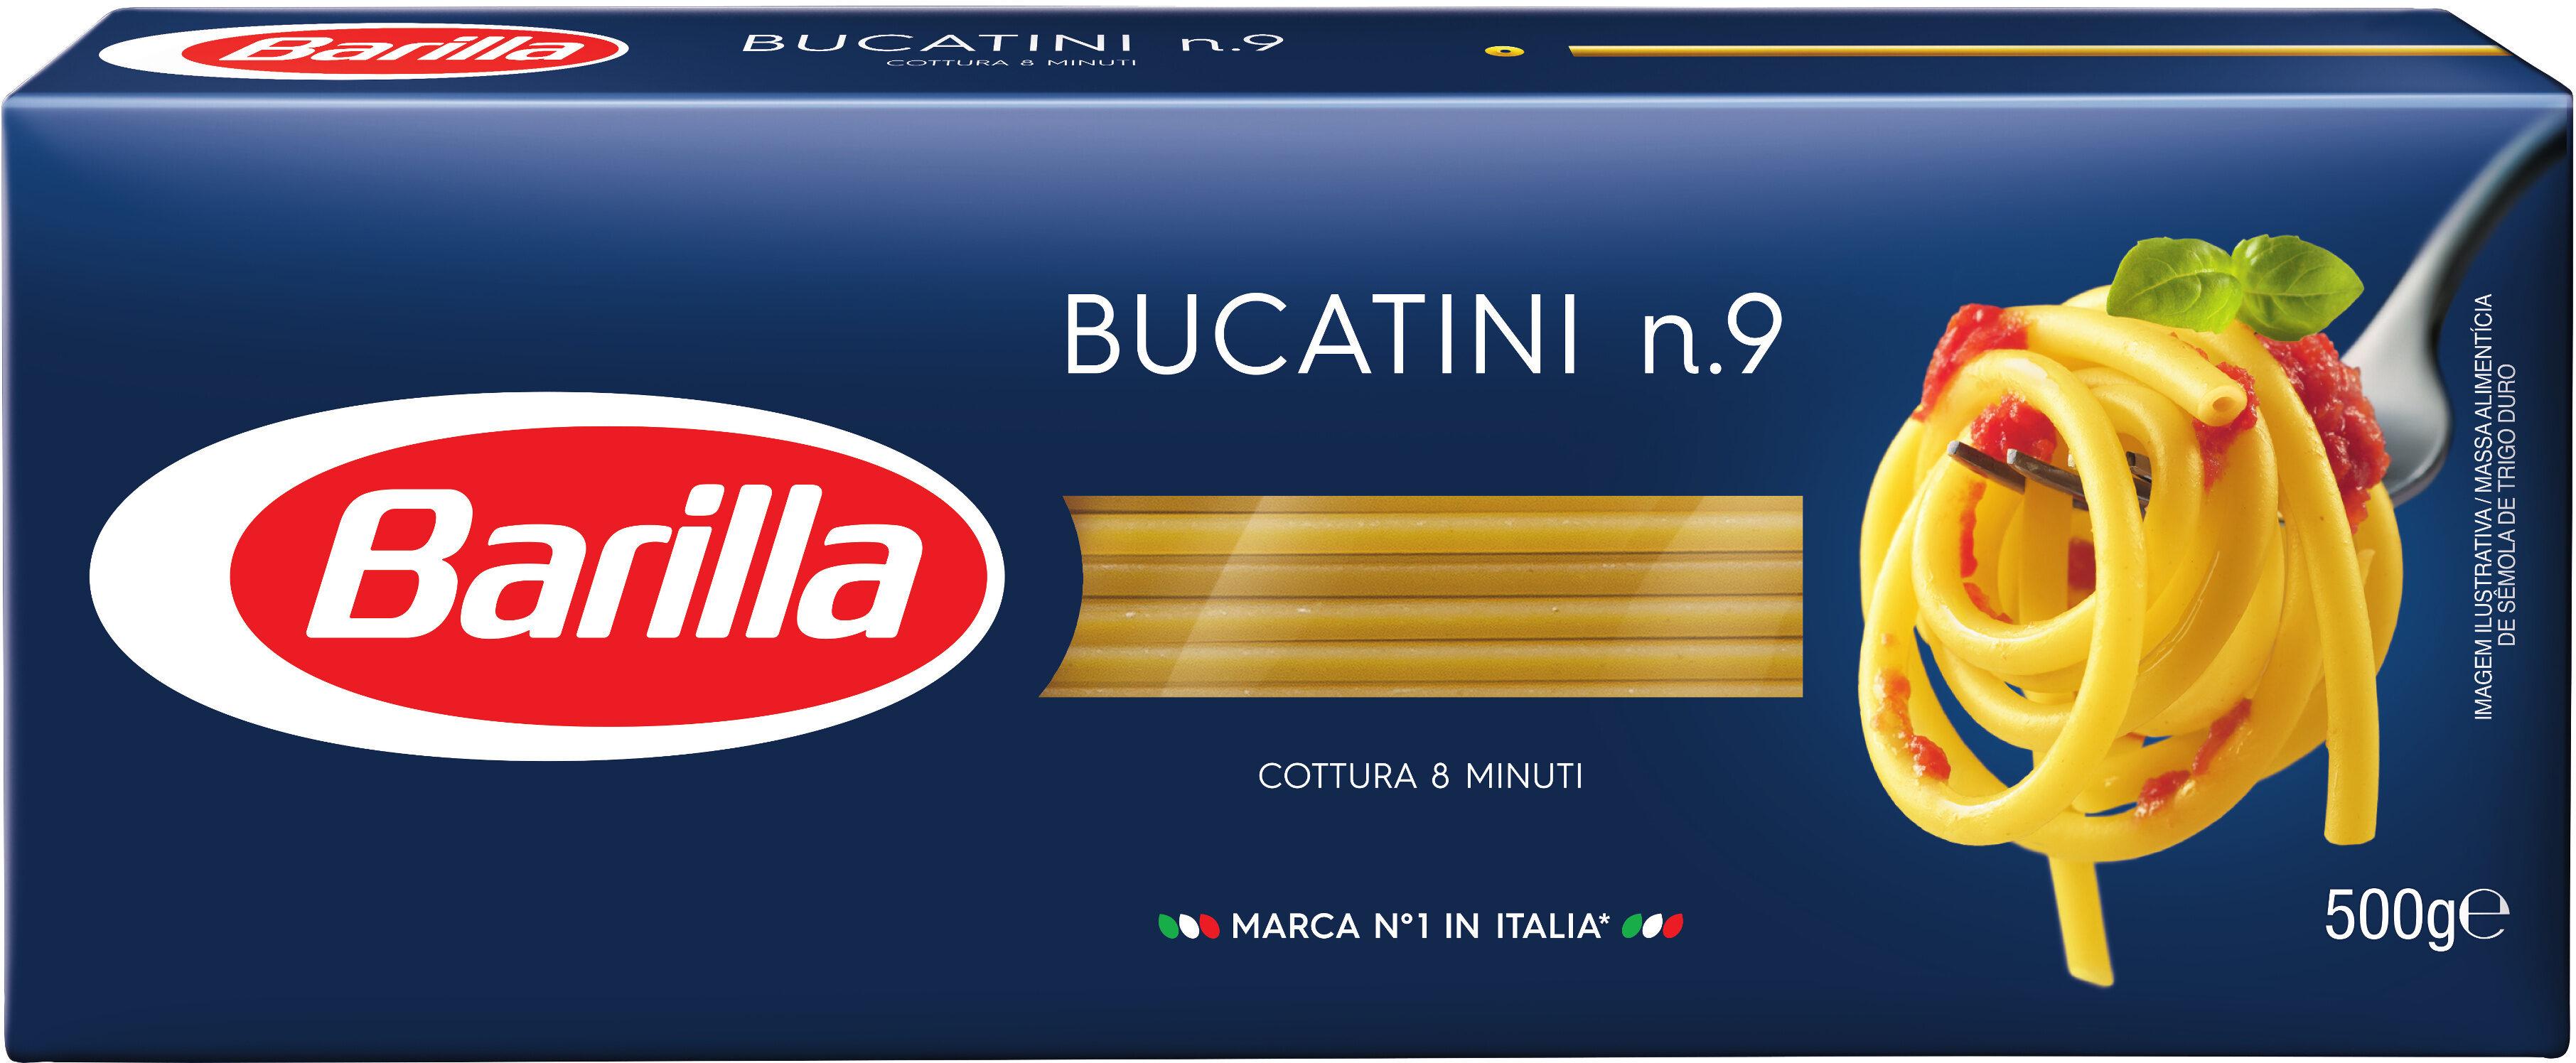 Pâtes Bucatini - Product - fr